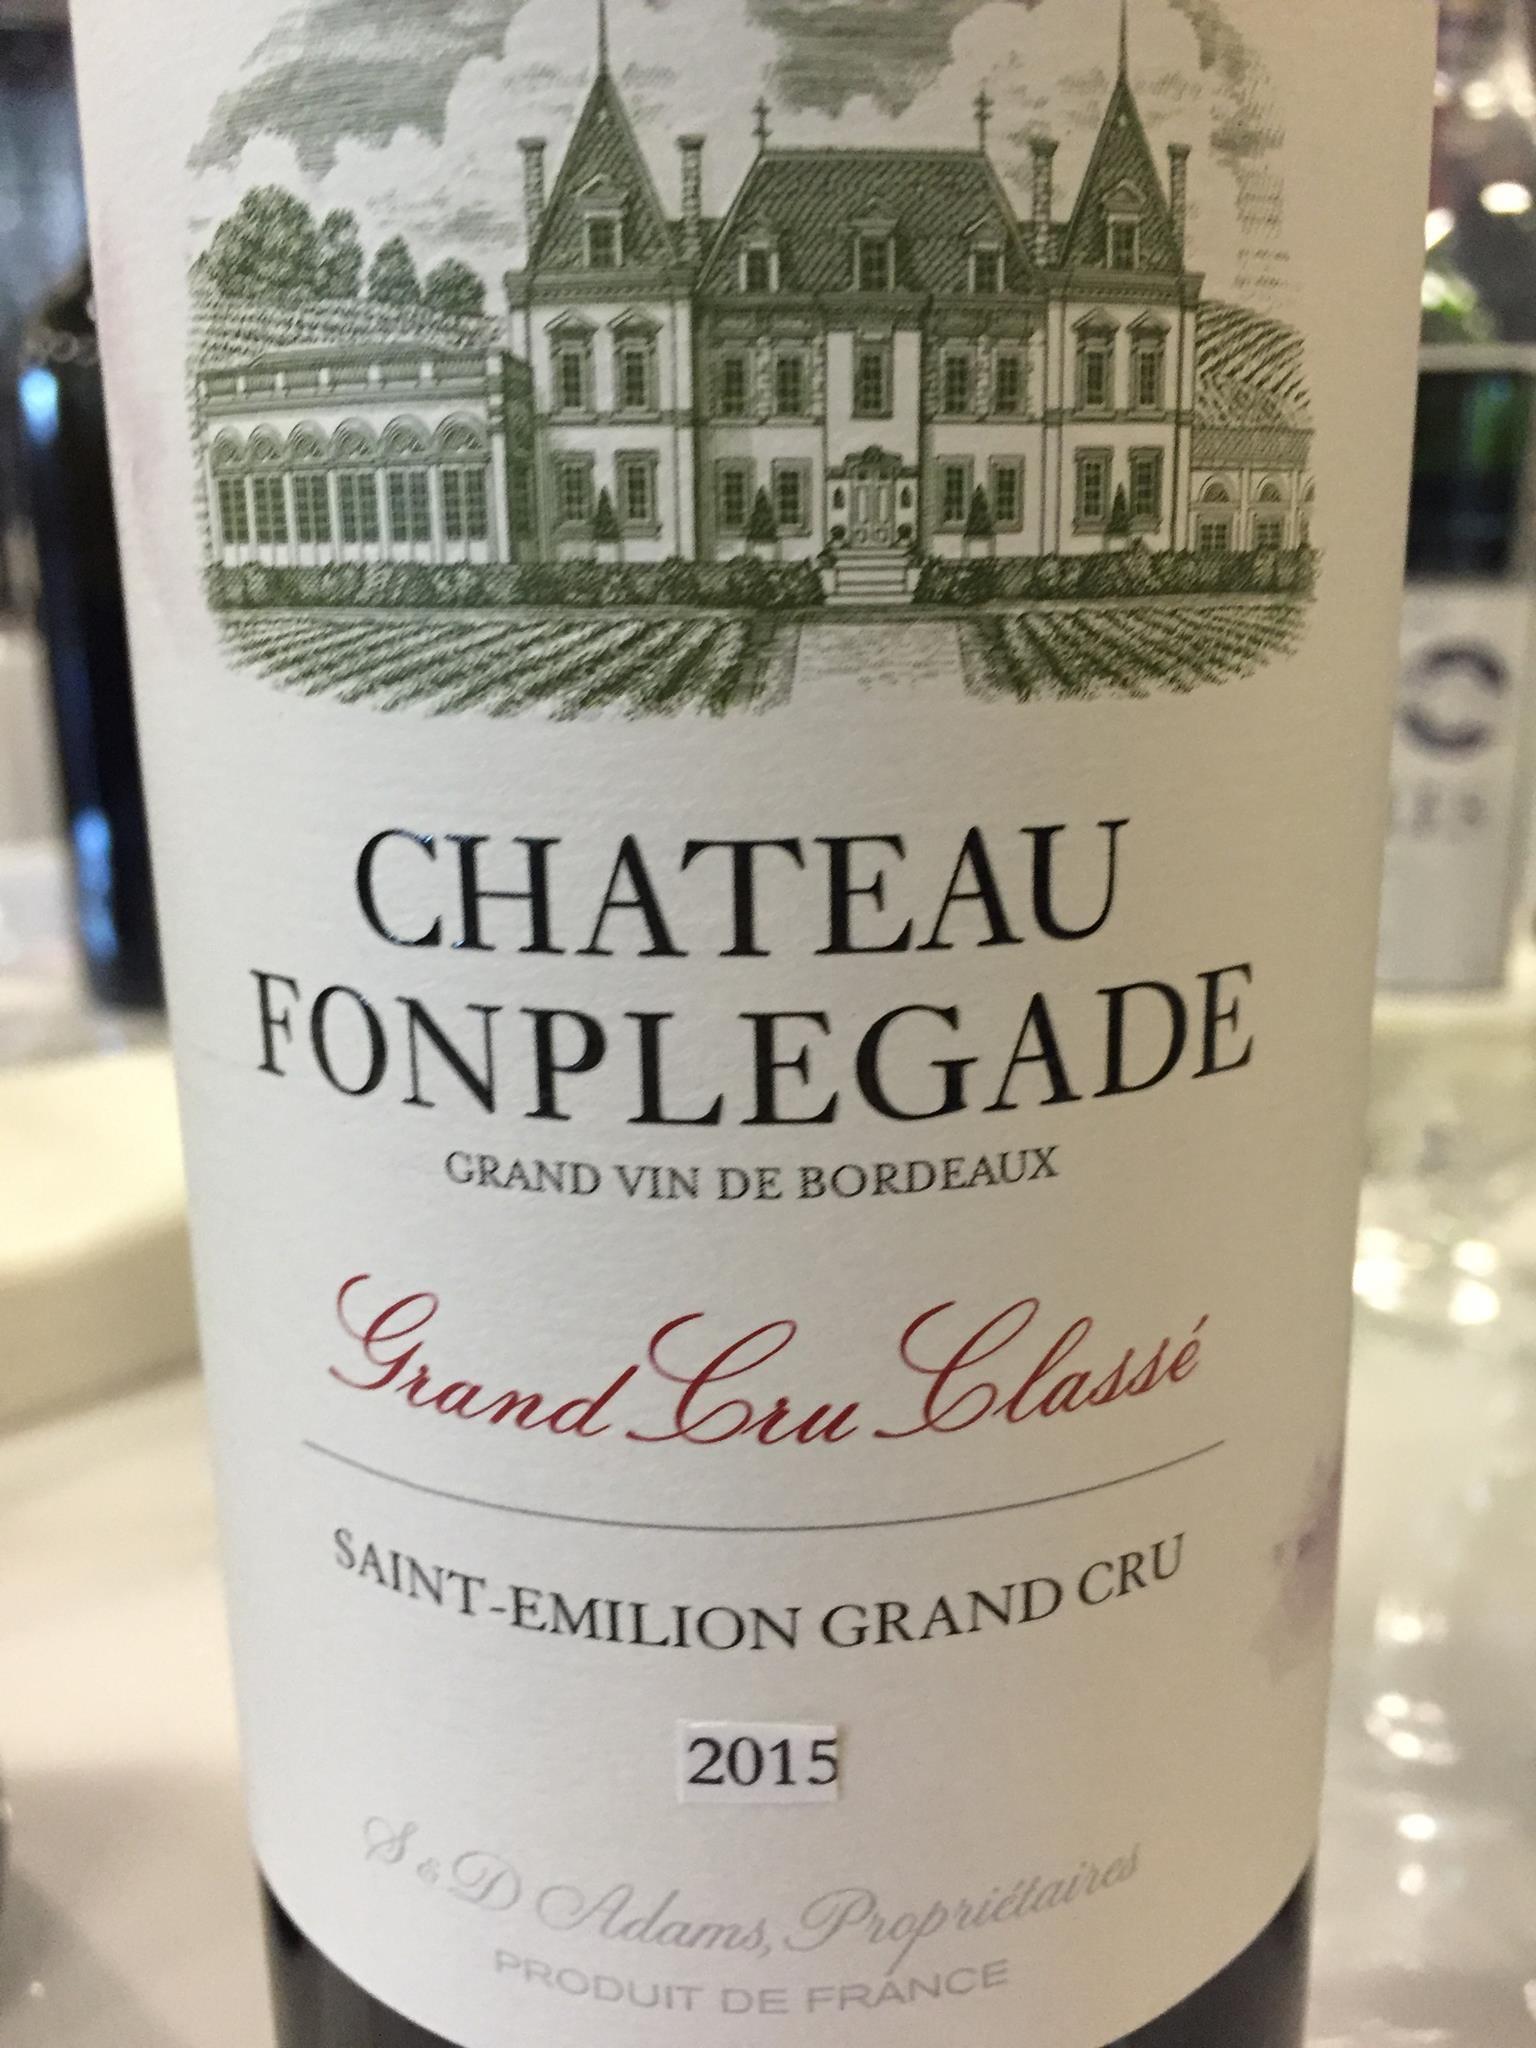 Château Fonplégade 2015 – Saint-Emilion Grand Cru, Grand Cru Classé